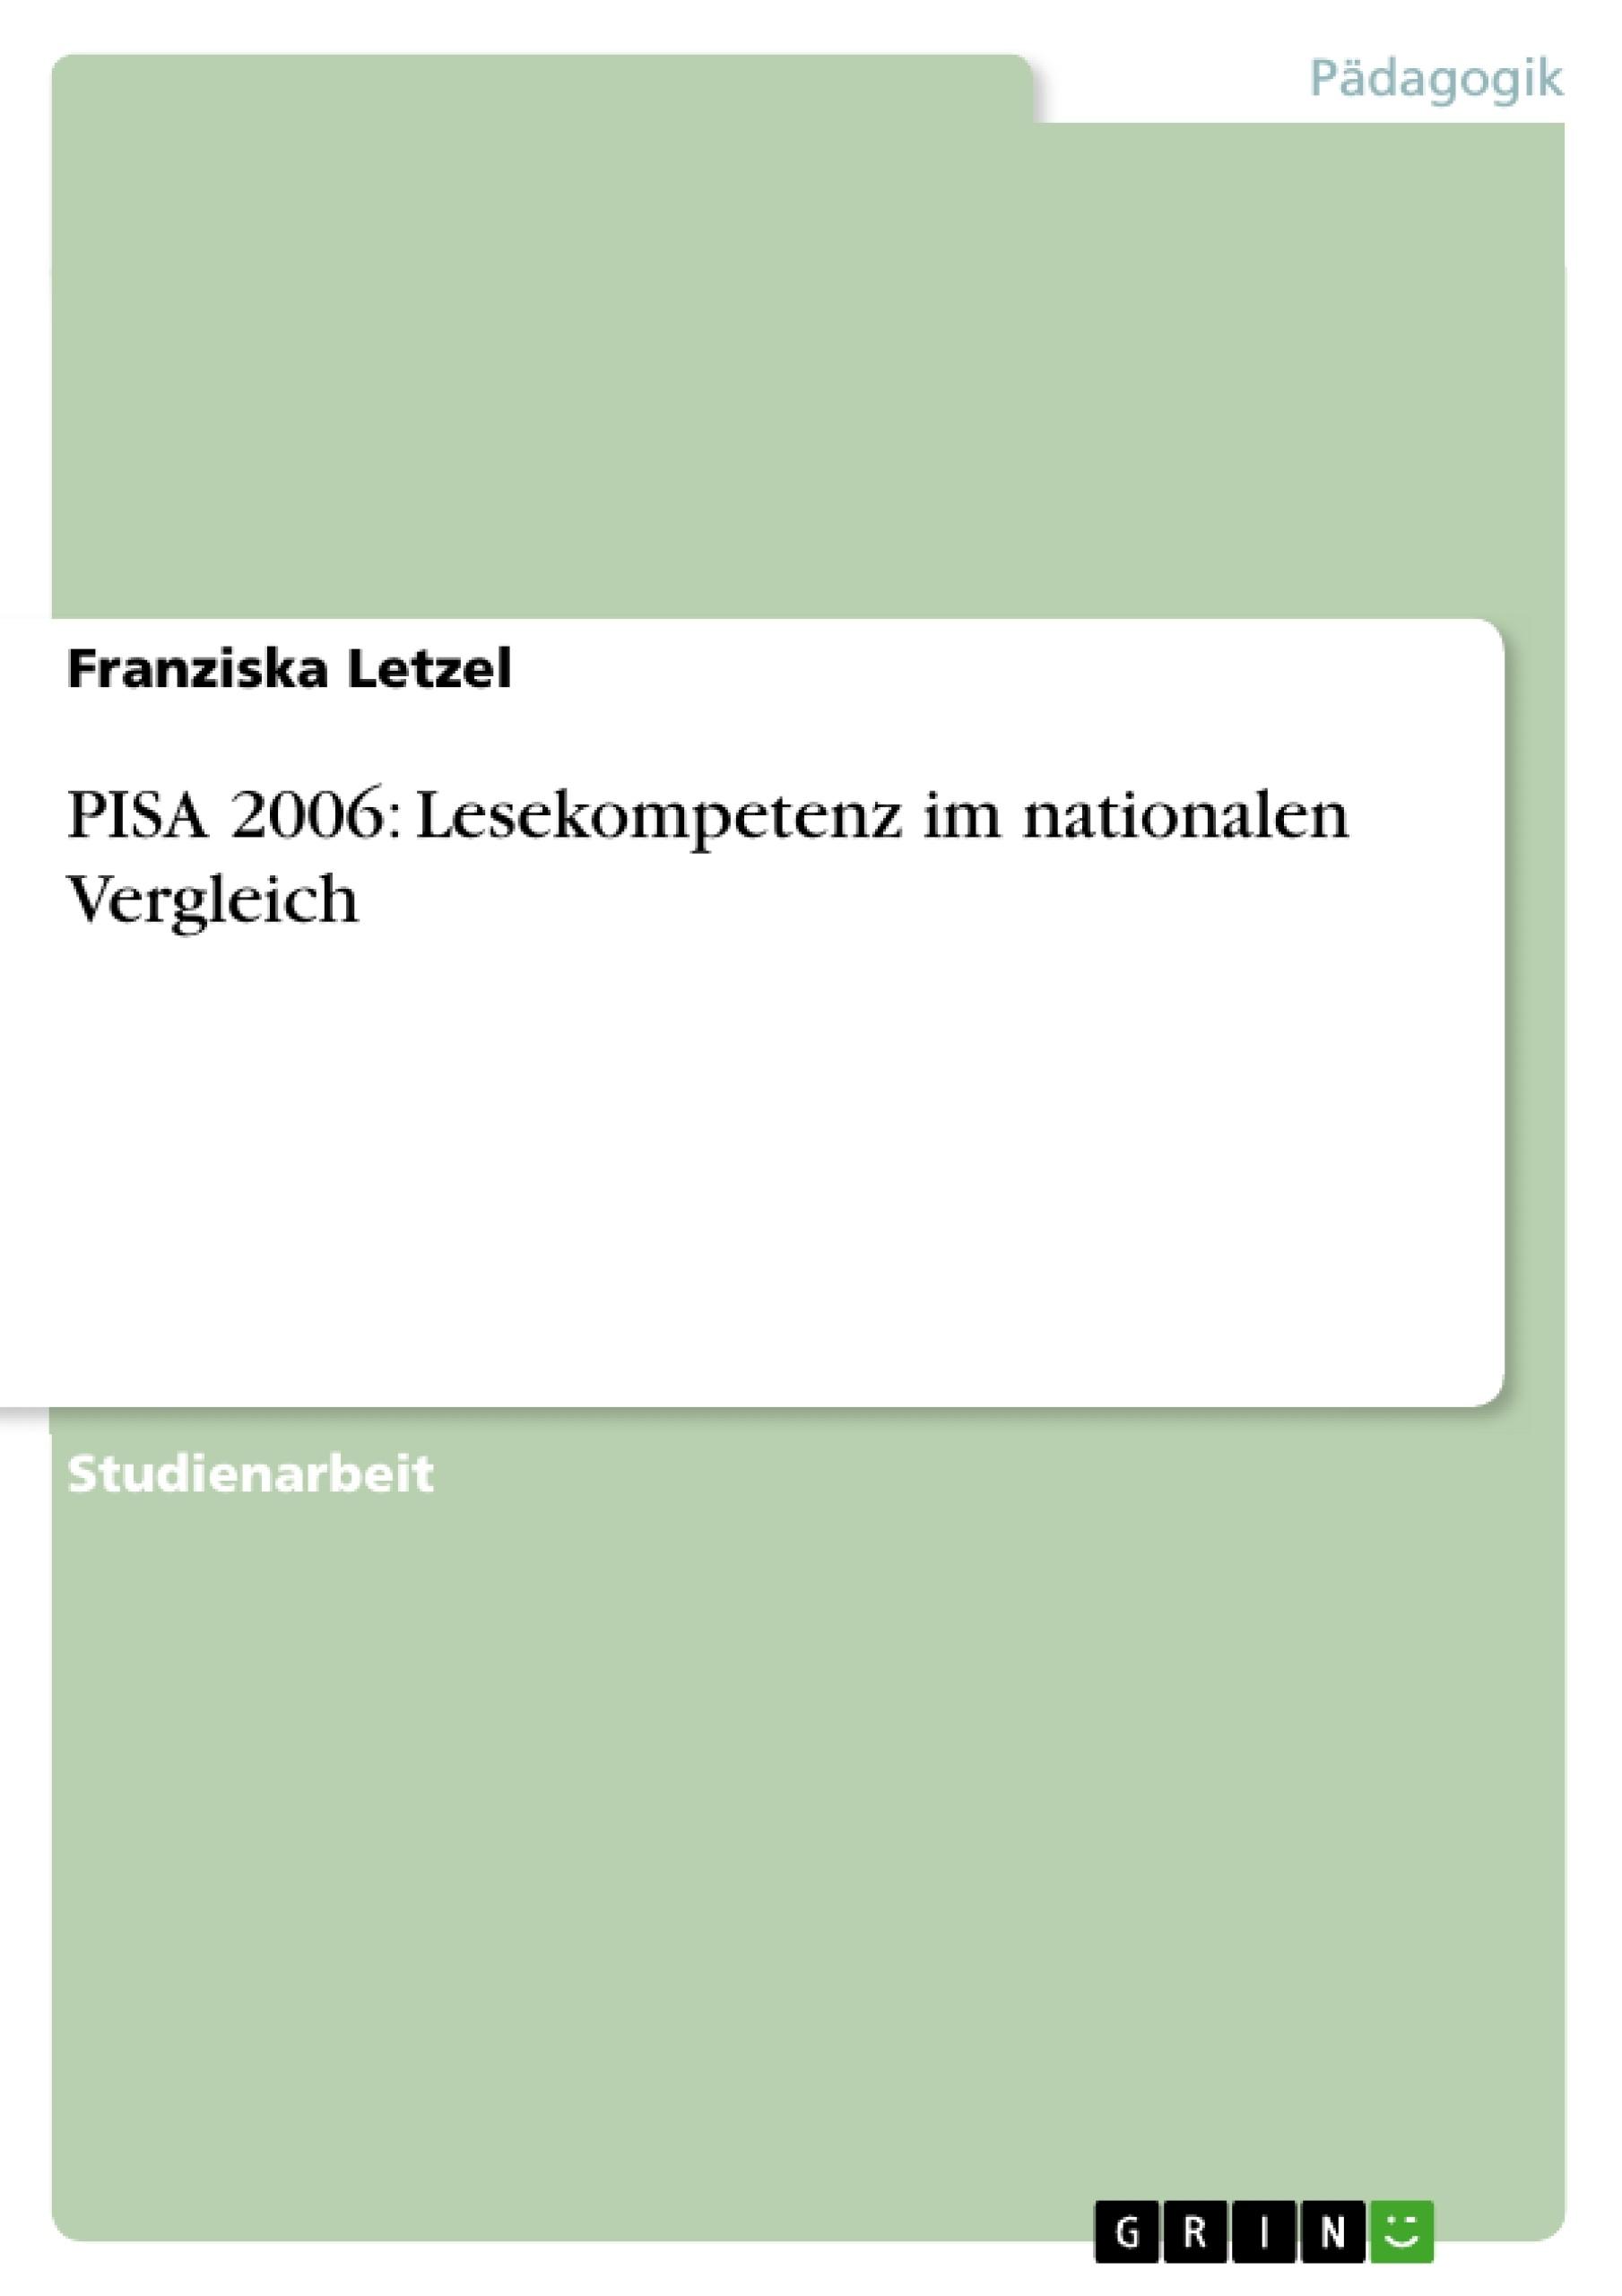 Titel: PISA 2006: Lesekompetenz im nationalen Vergleich